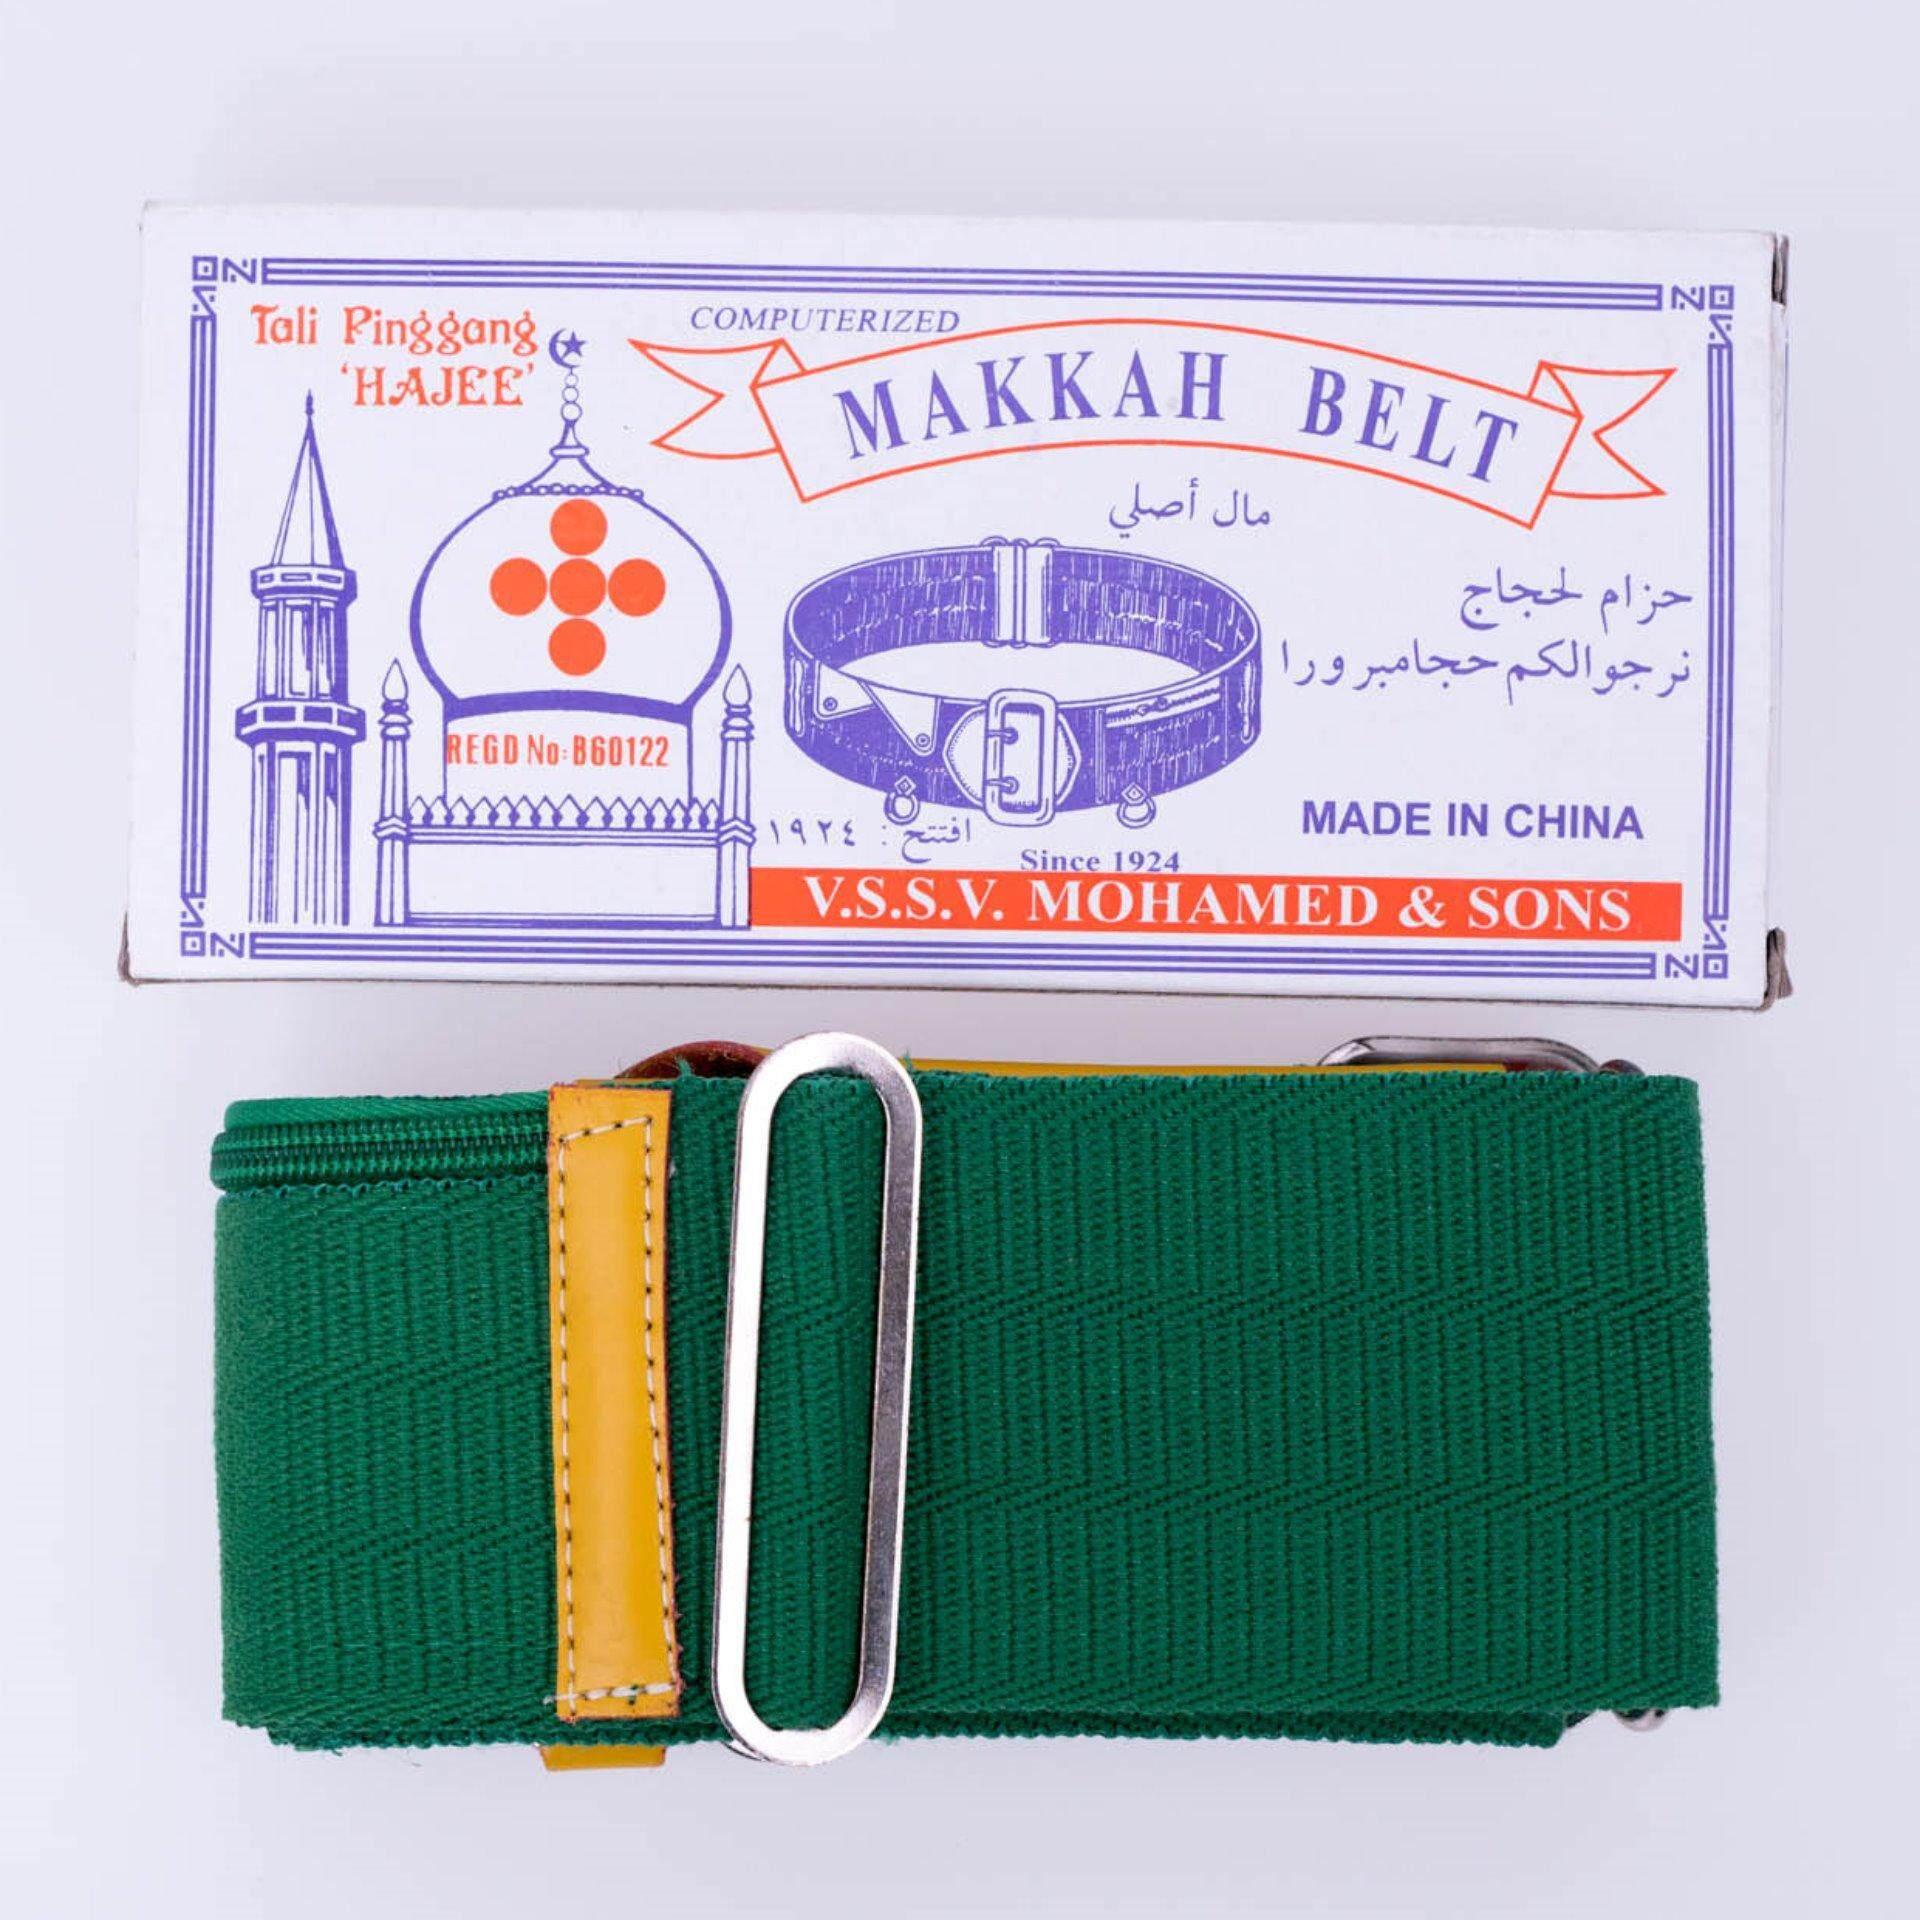 Tali Pinggang Haji / Haji Belt